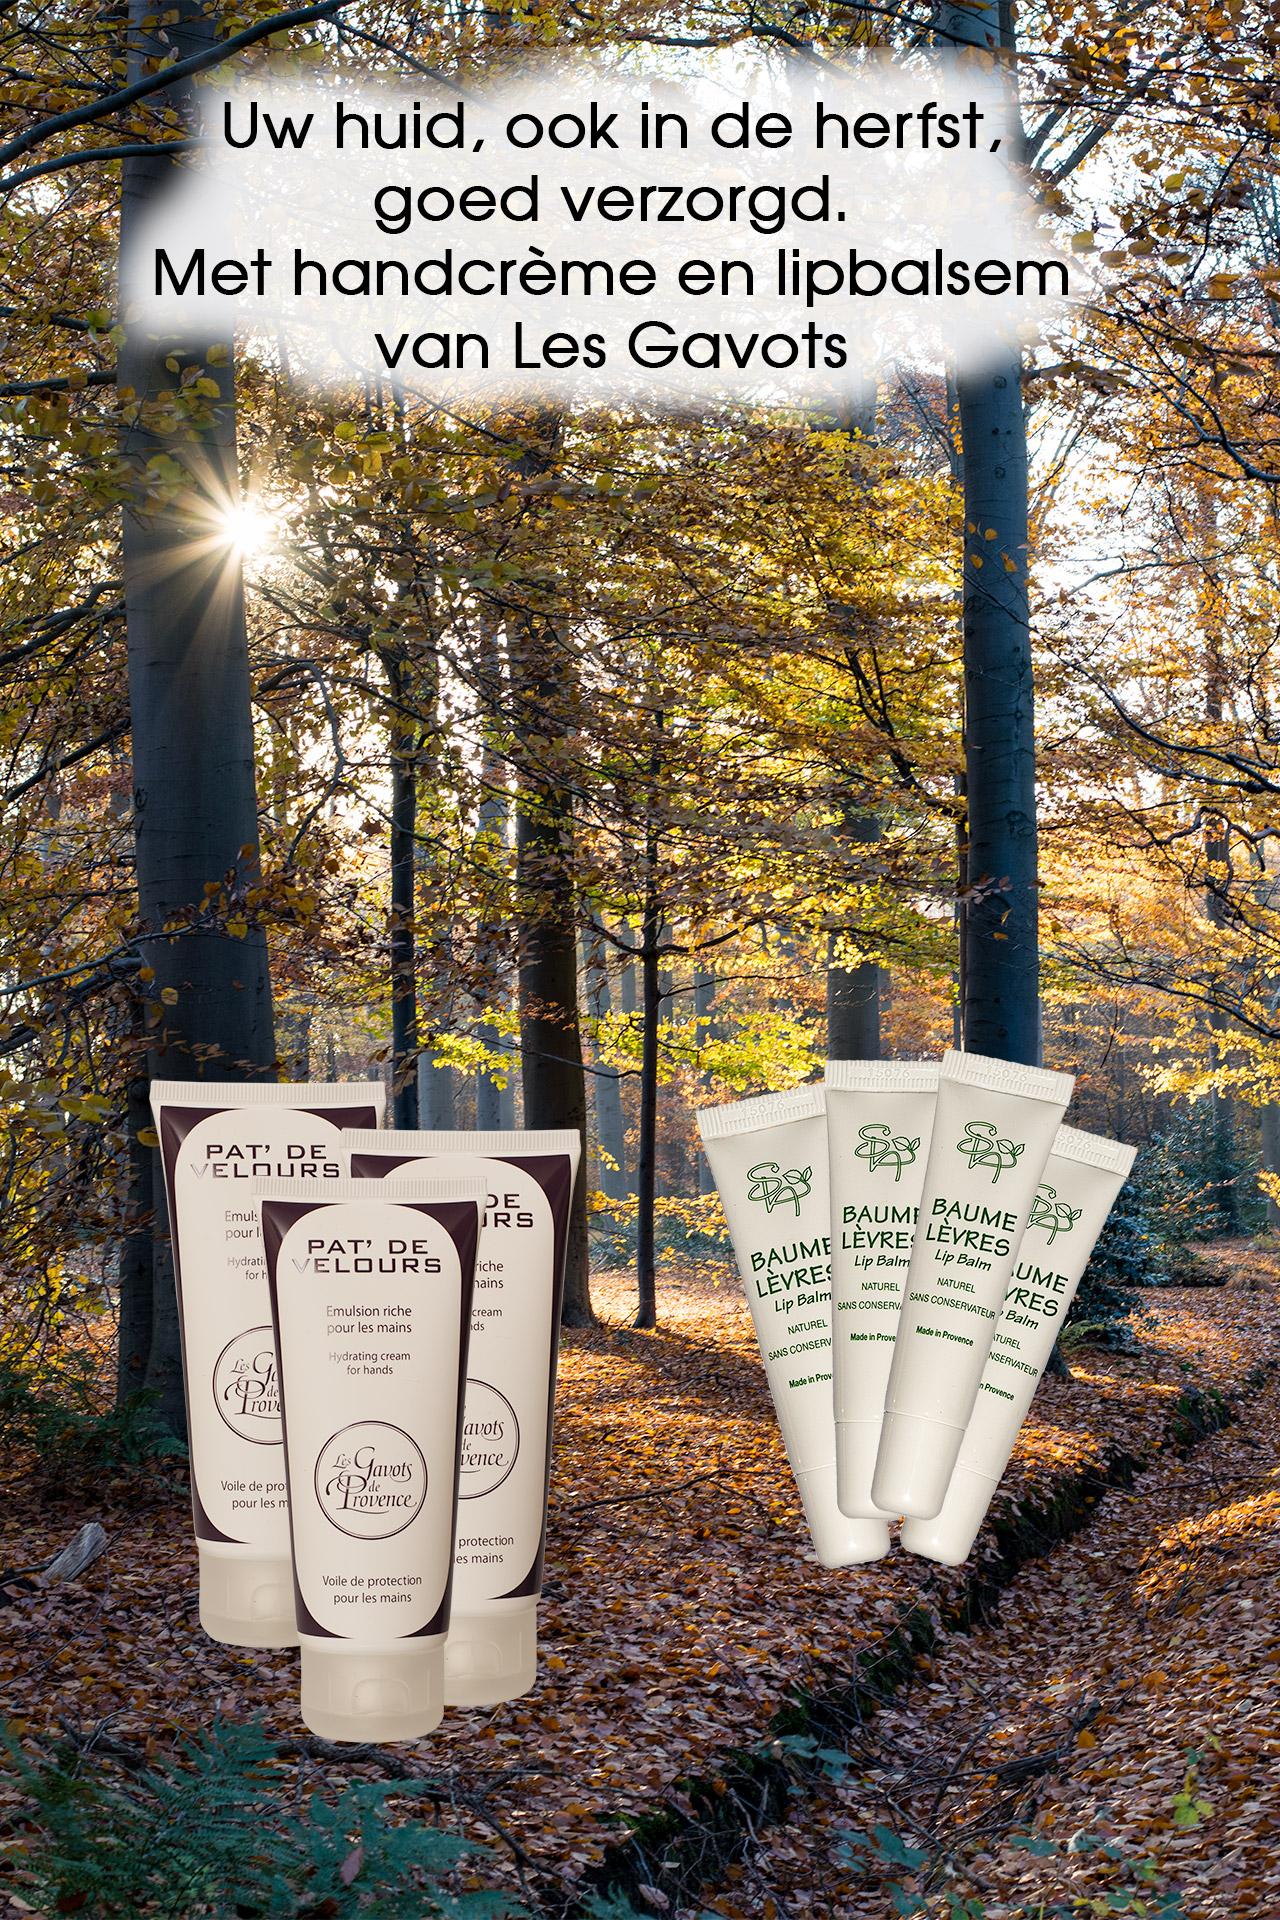 Heerlijke producten van Les Gavots